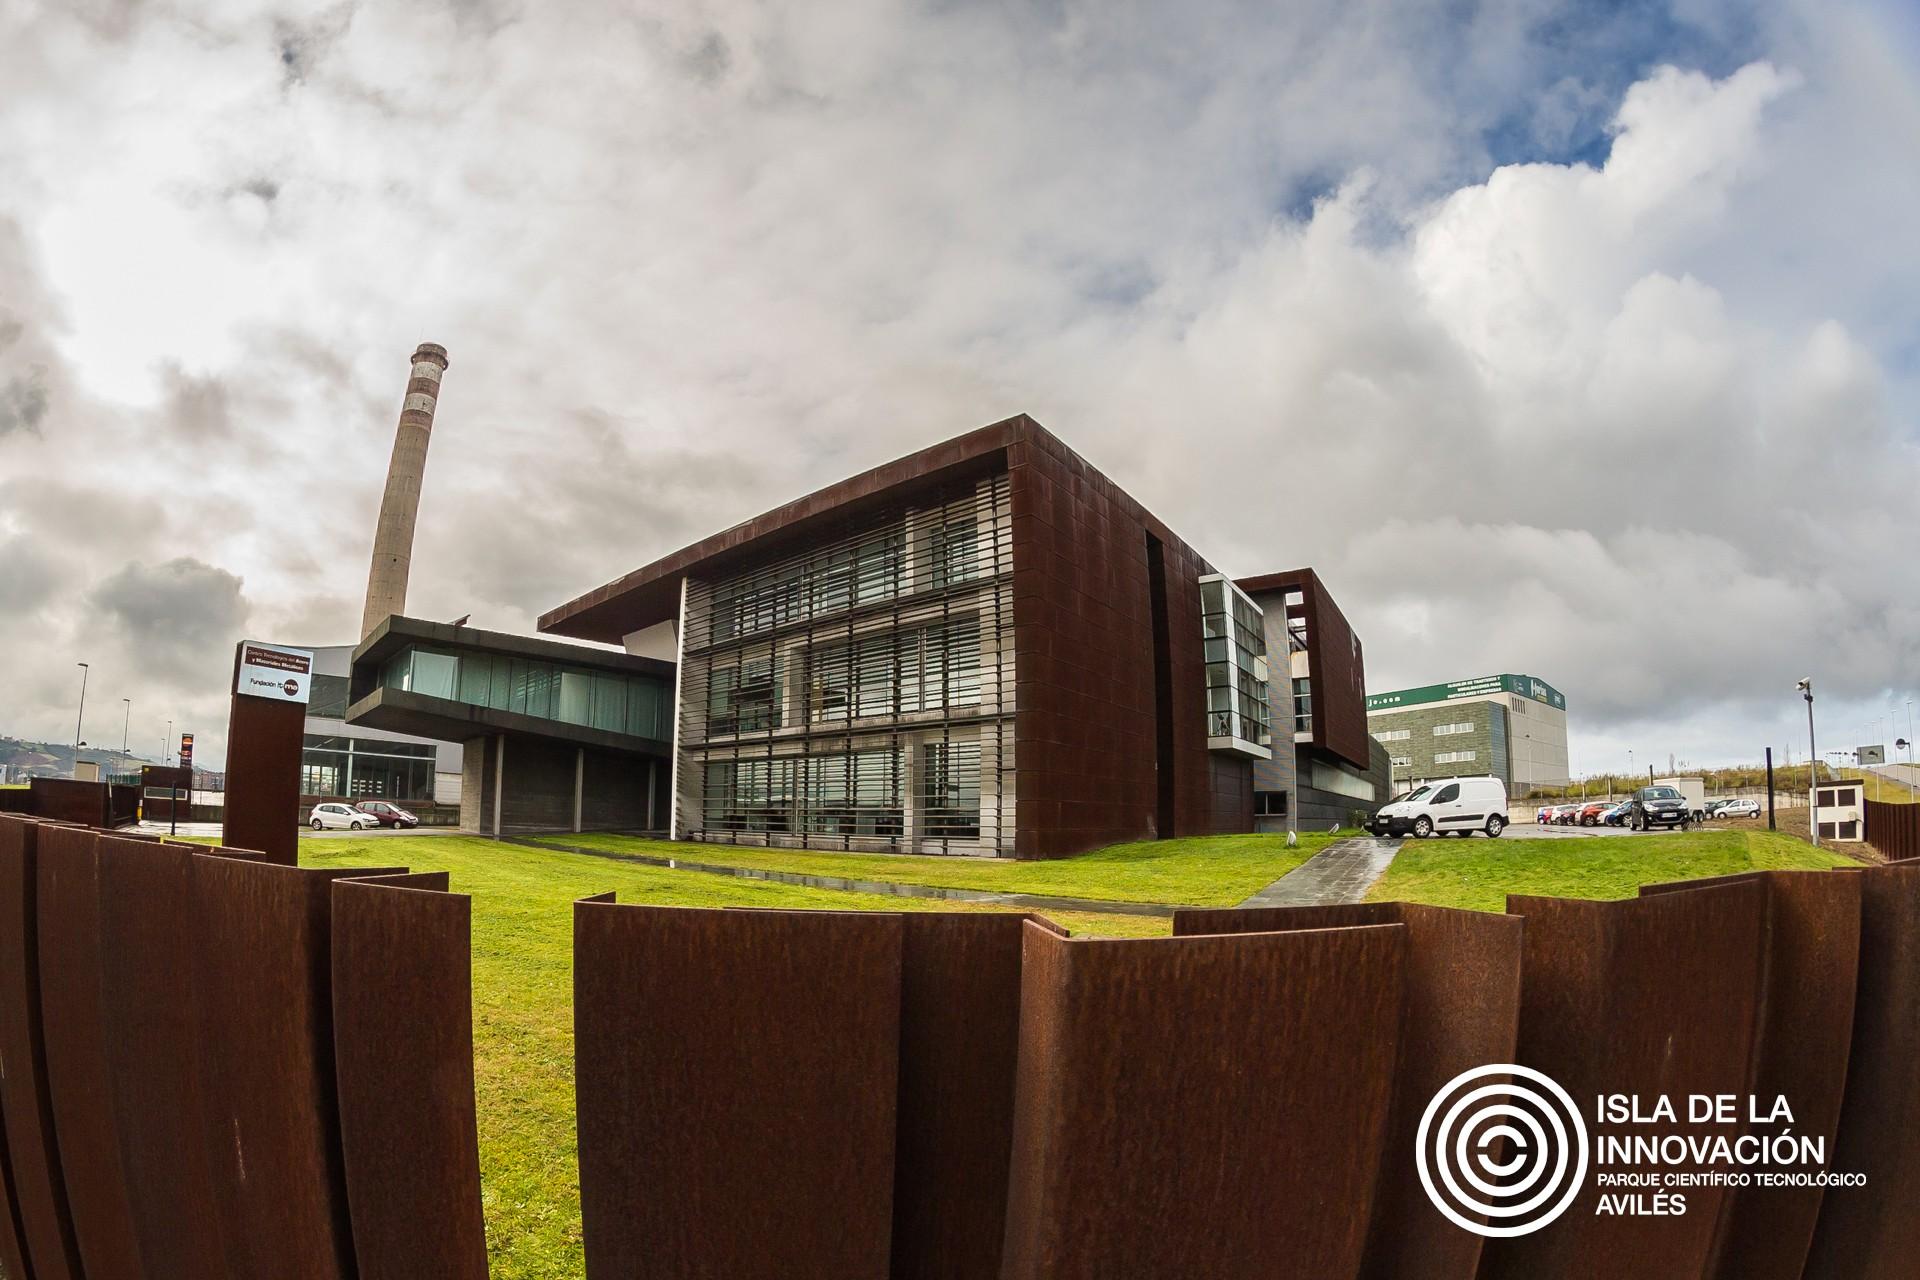 Parque Científico Tecnológico Avilés 'Isla de la Innovación'